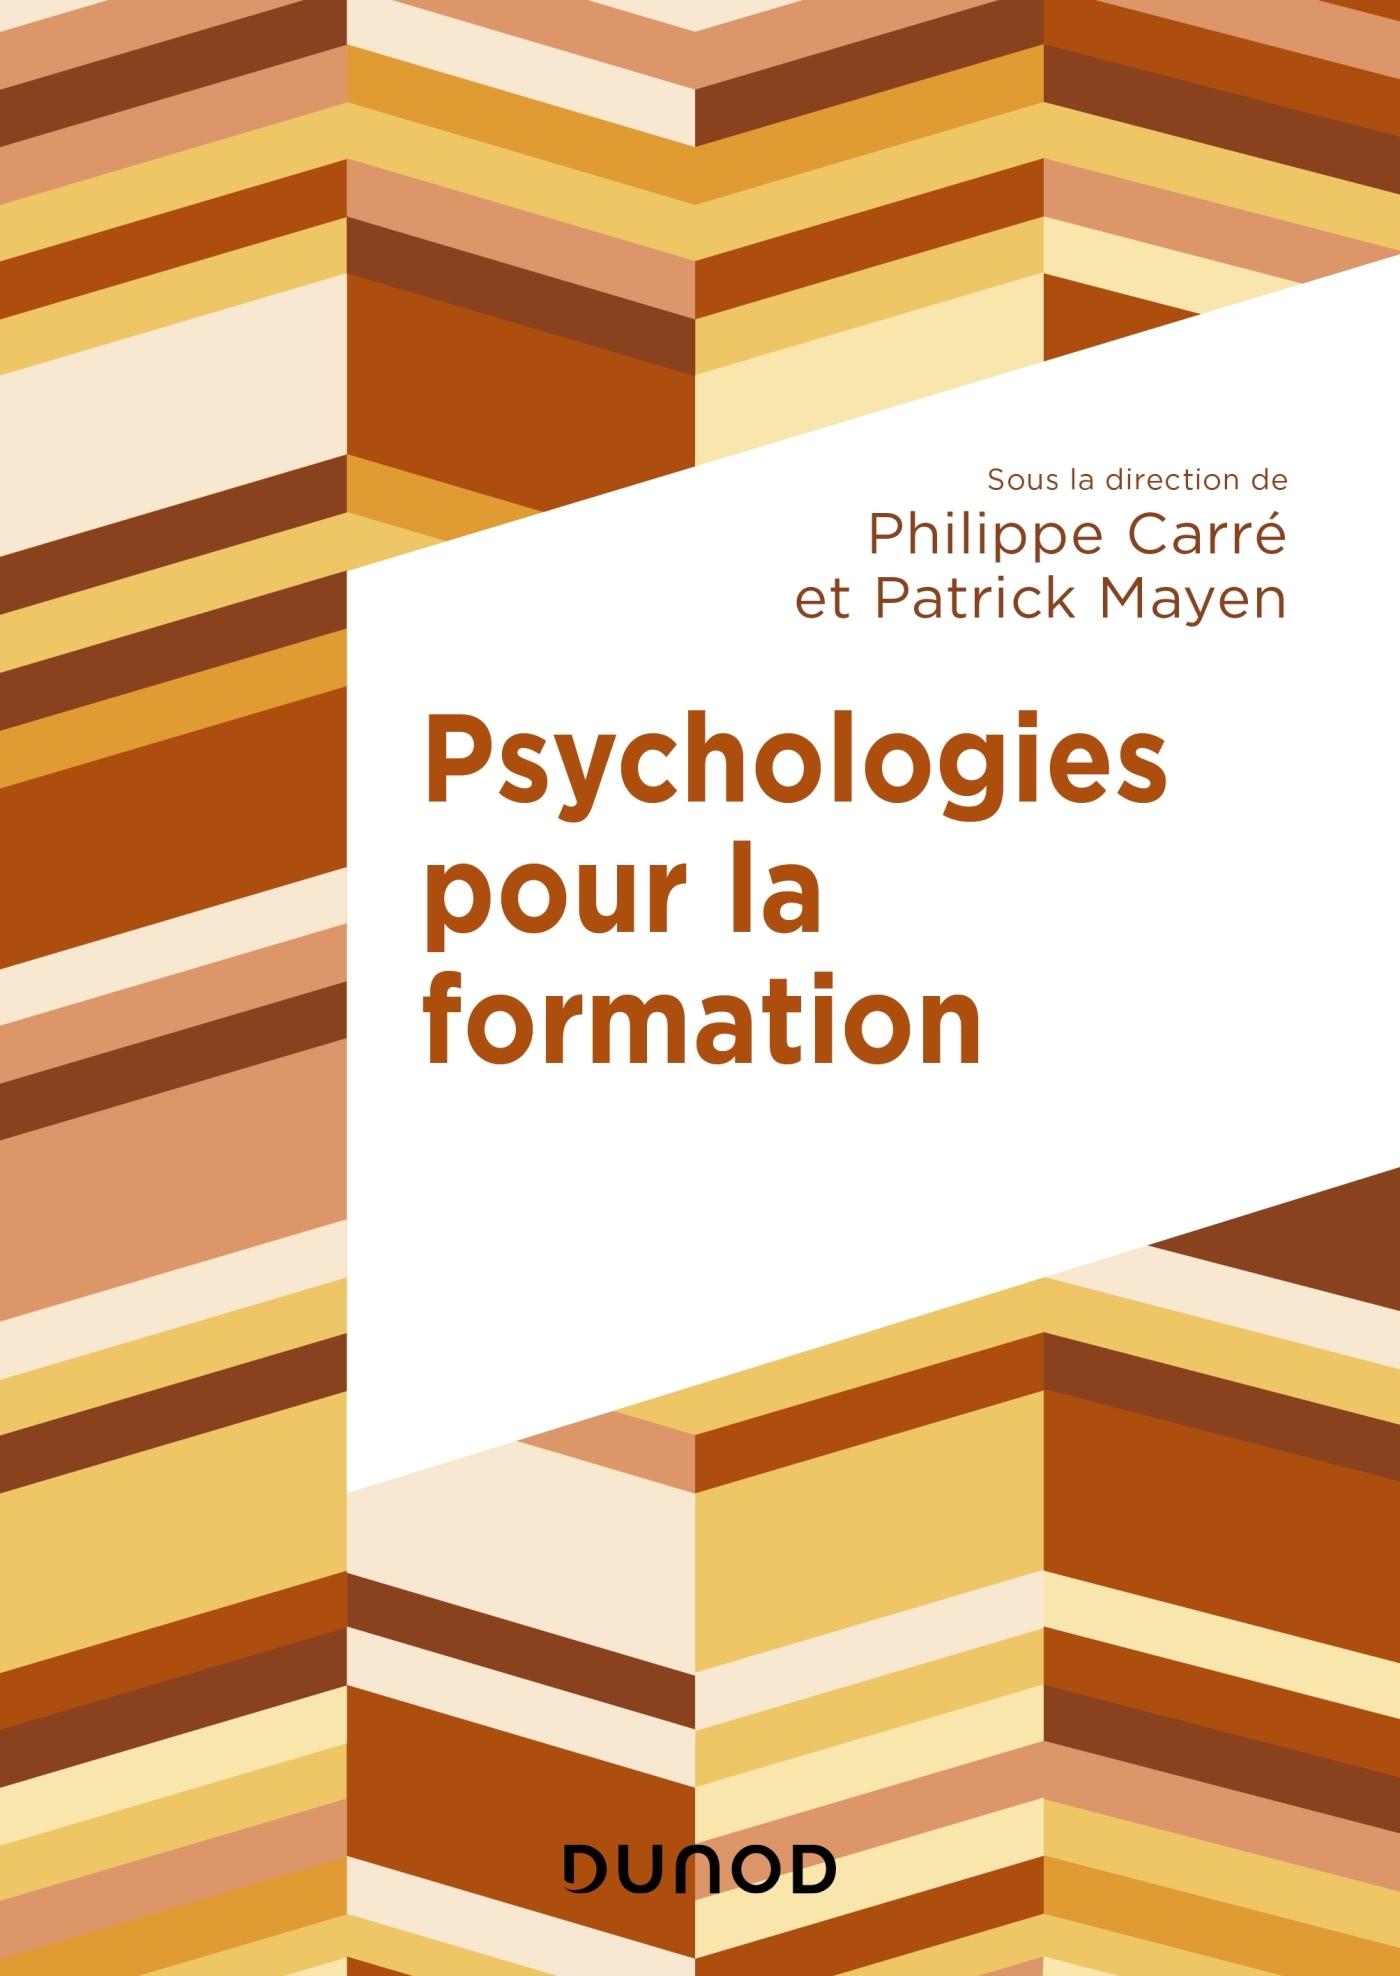 PSYCHOLOGIES POUR LA FORMATION